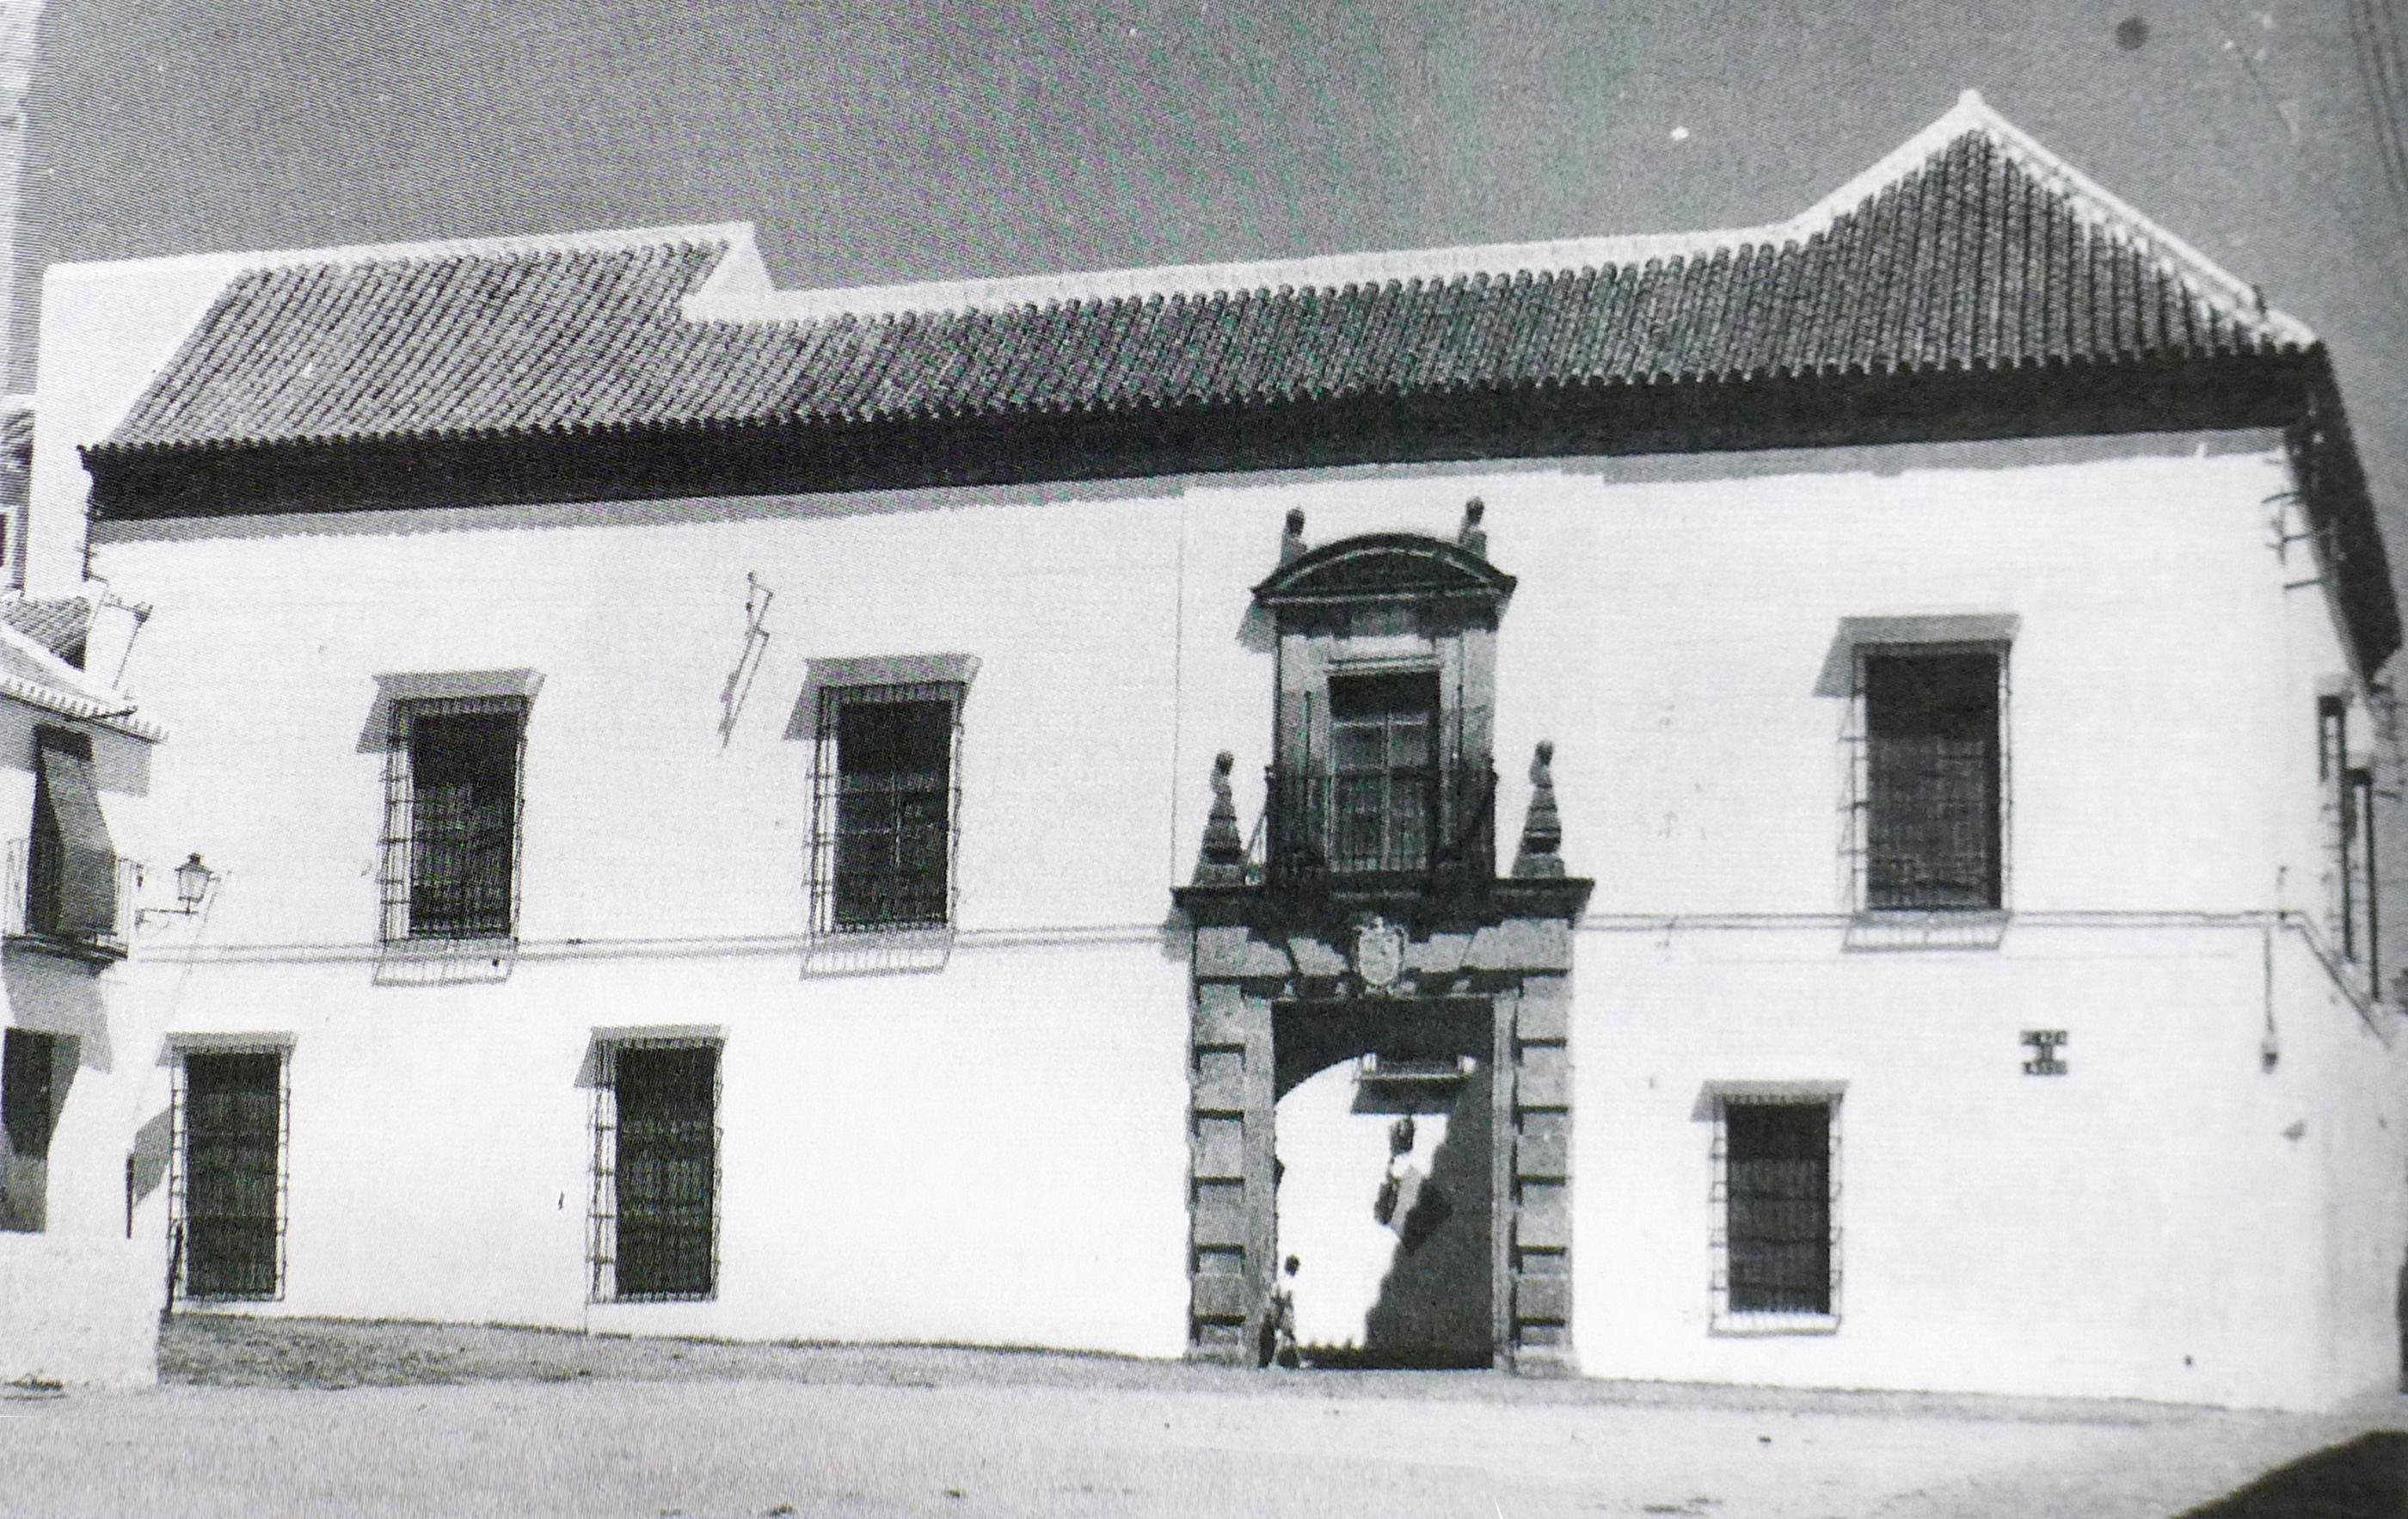 8692732d2 The Casa Palacio de Carmona s whitewashed Façade in an undated photograph  circa 1960.